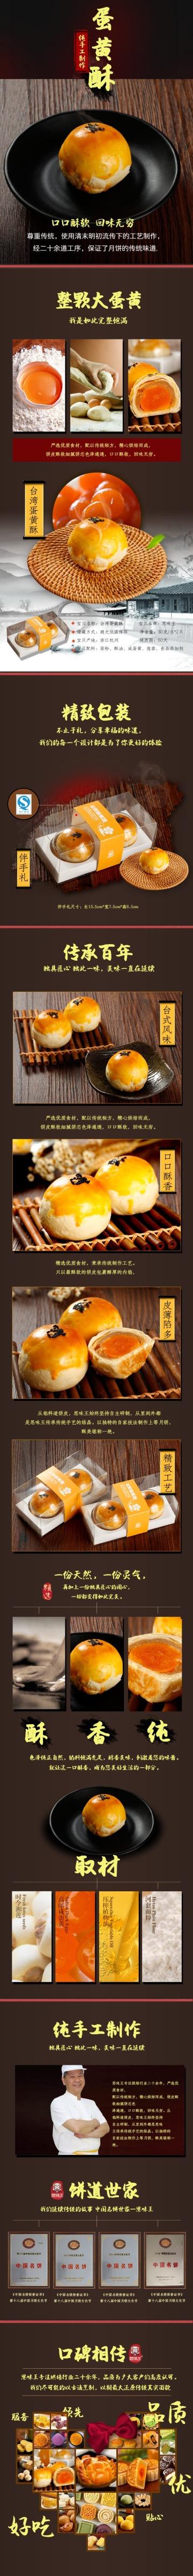 黑色轻奢百货零售小吃零食蛋黄酥促销电商详情页